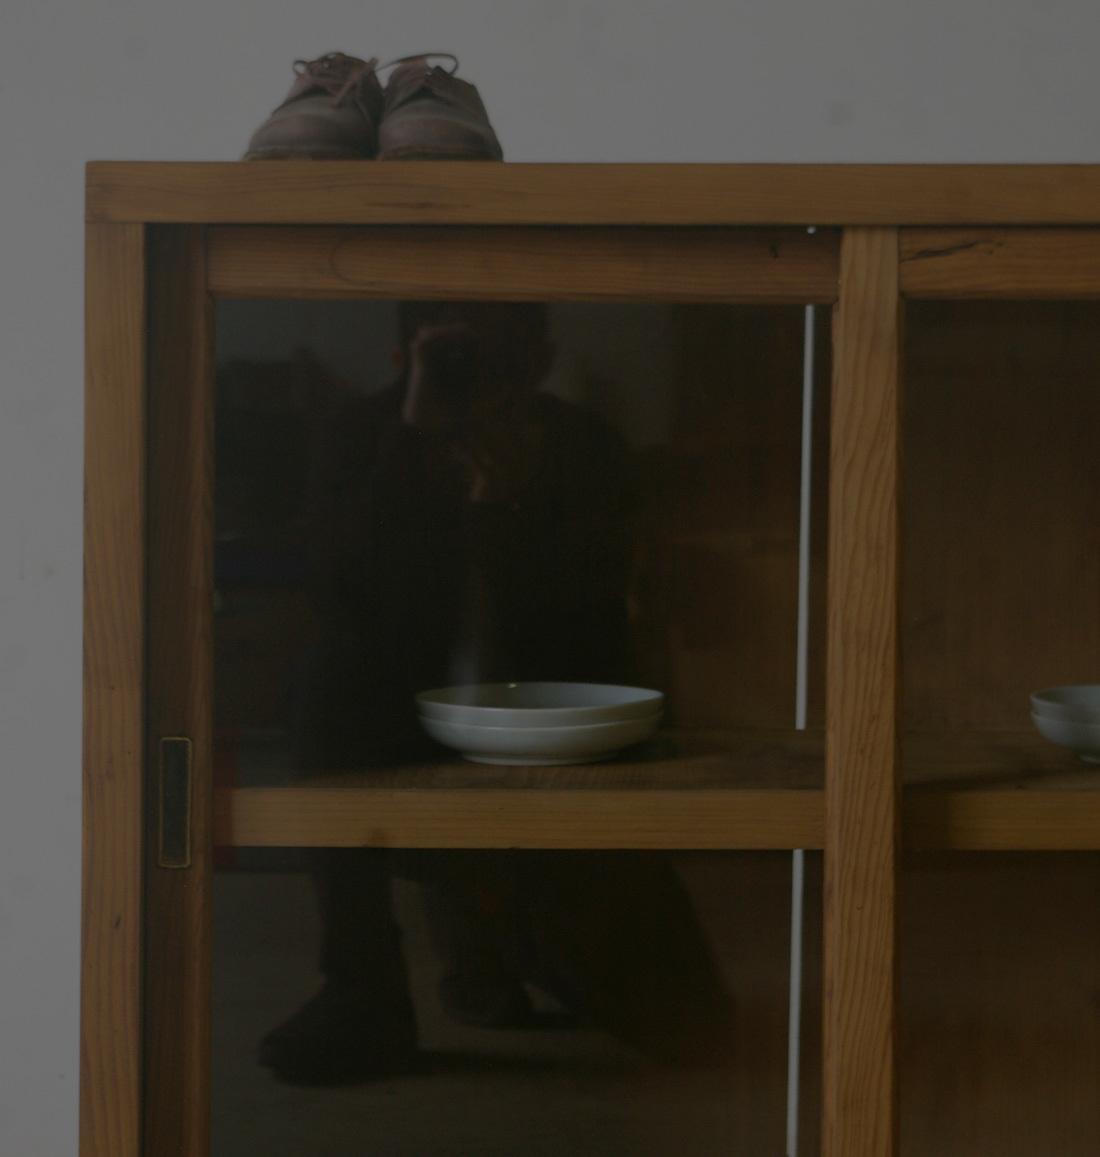 【味のある古手の引き出し2杯ガラス戸棚】アンティーク店舗什器カウンター食器棚キッチンキャビネット本棚書庫水屋箪笥飾り棚収納棚台机_画像2